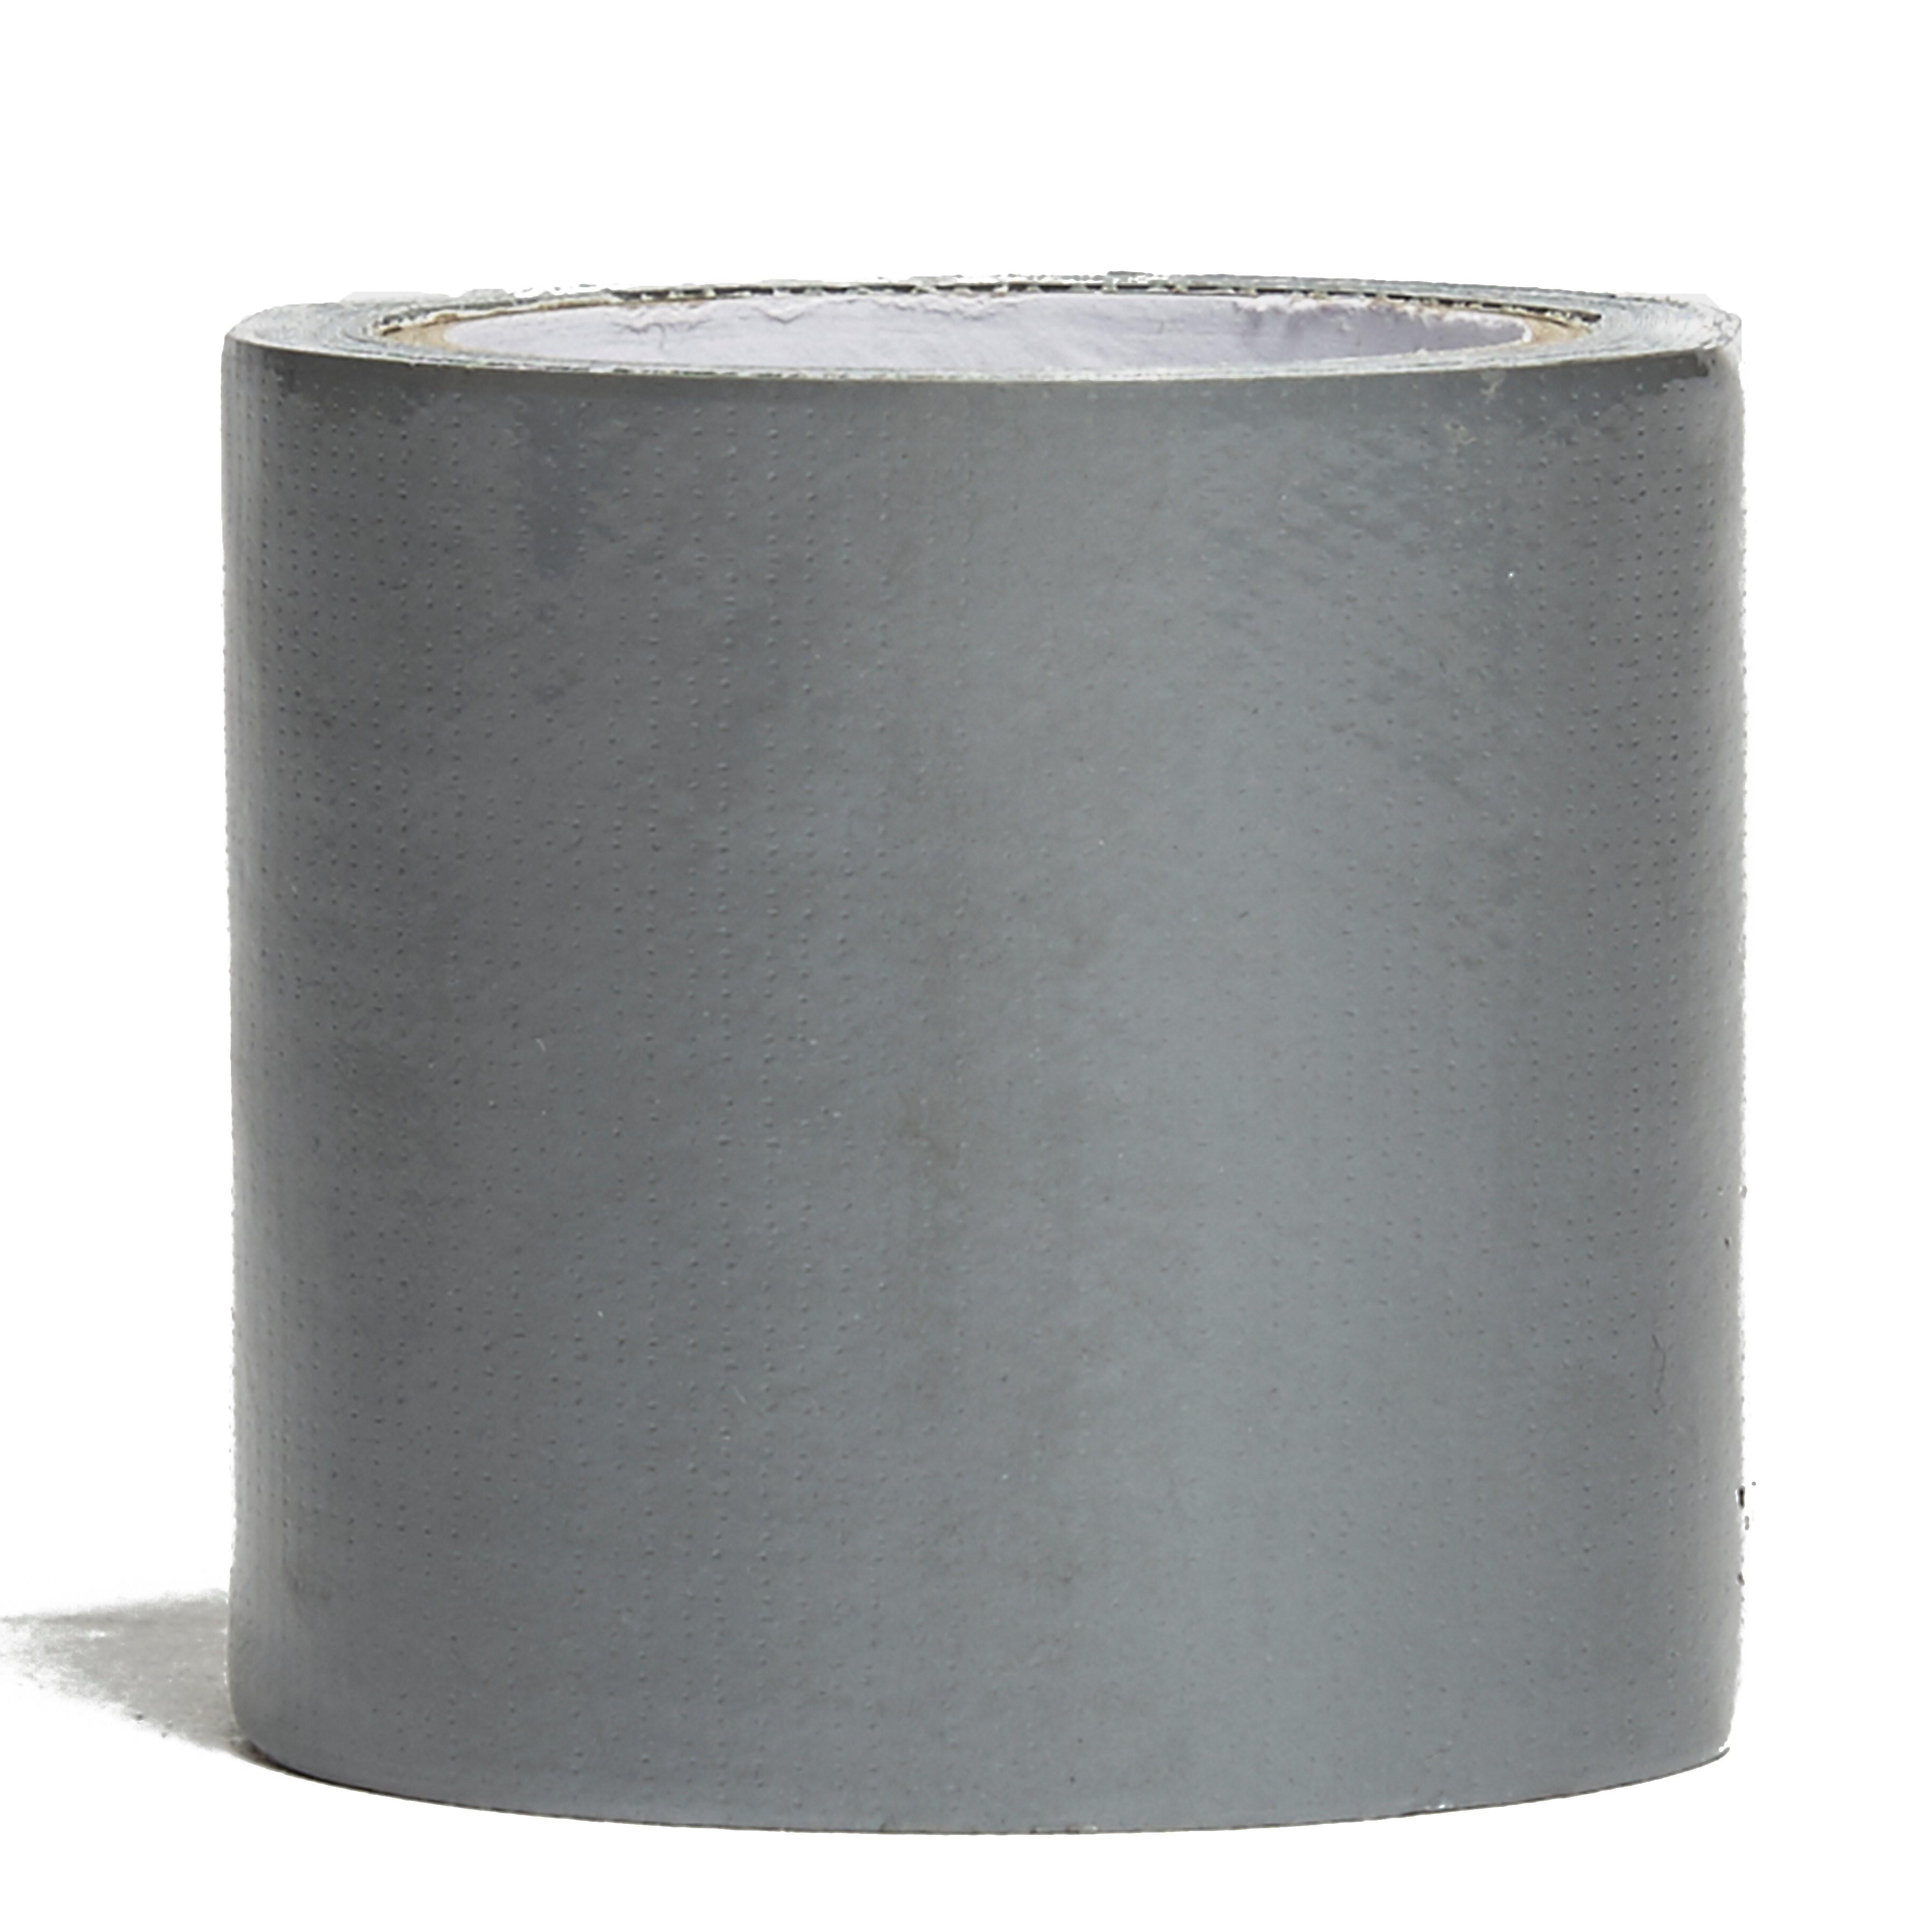 LIFEVENTURE 5m Duct Tape